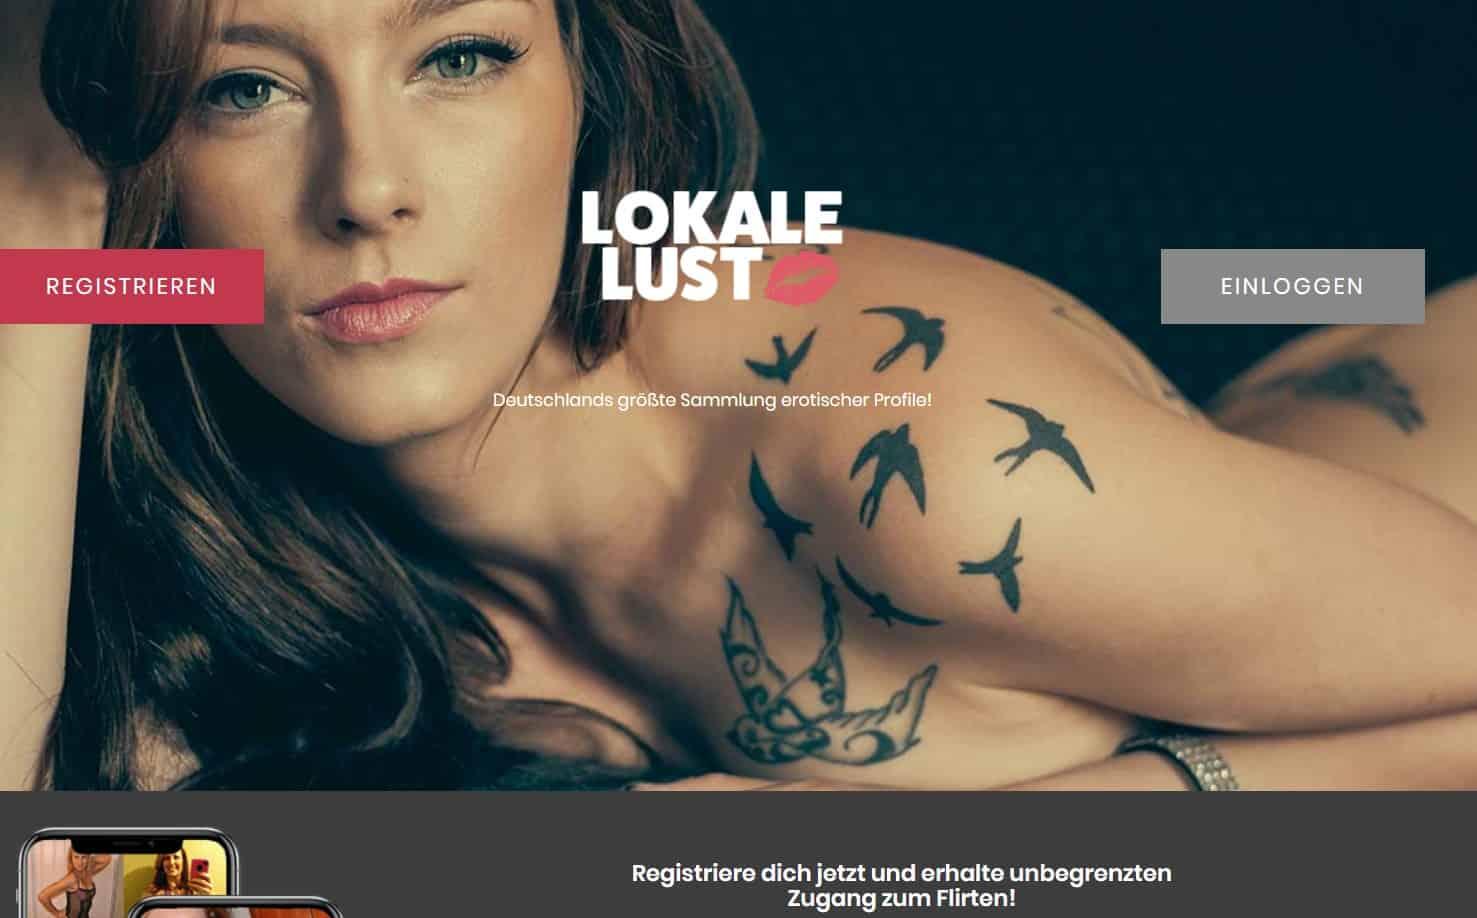 Lokalelust.Com